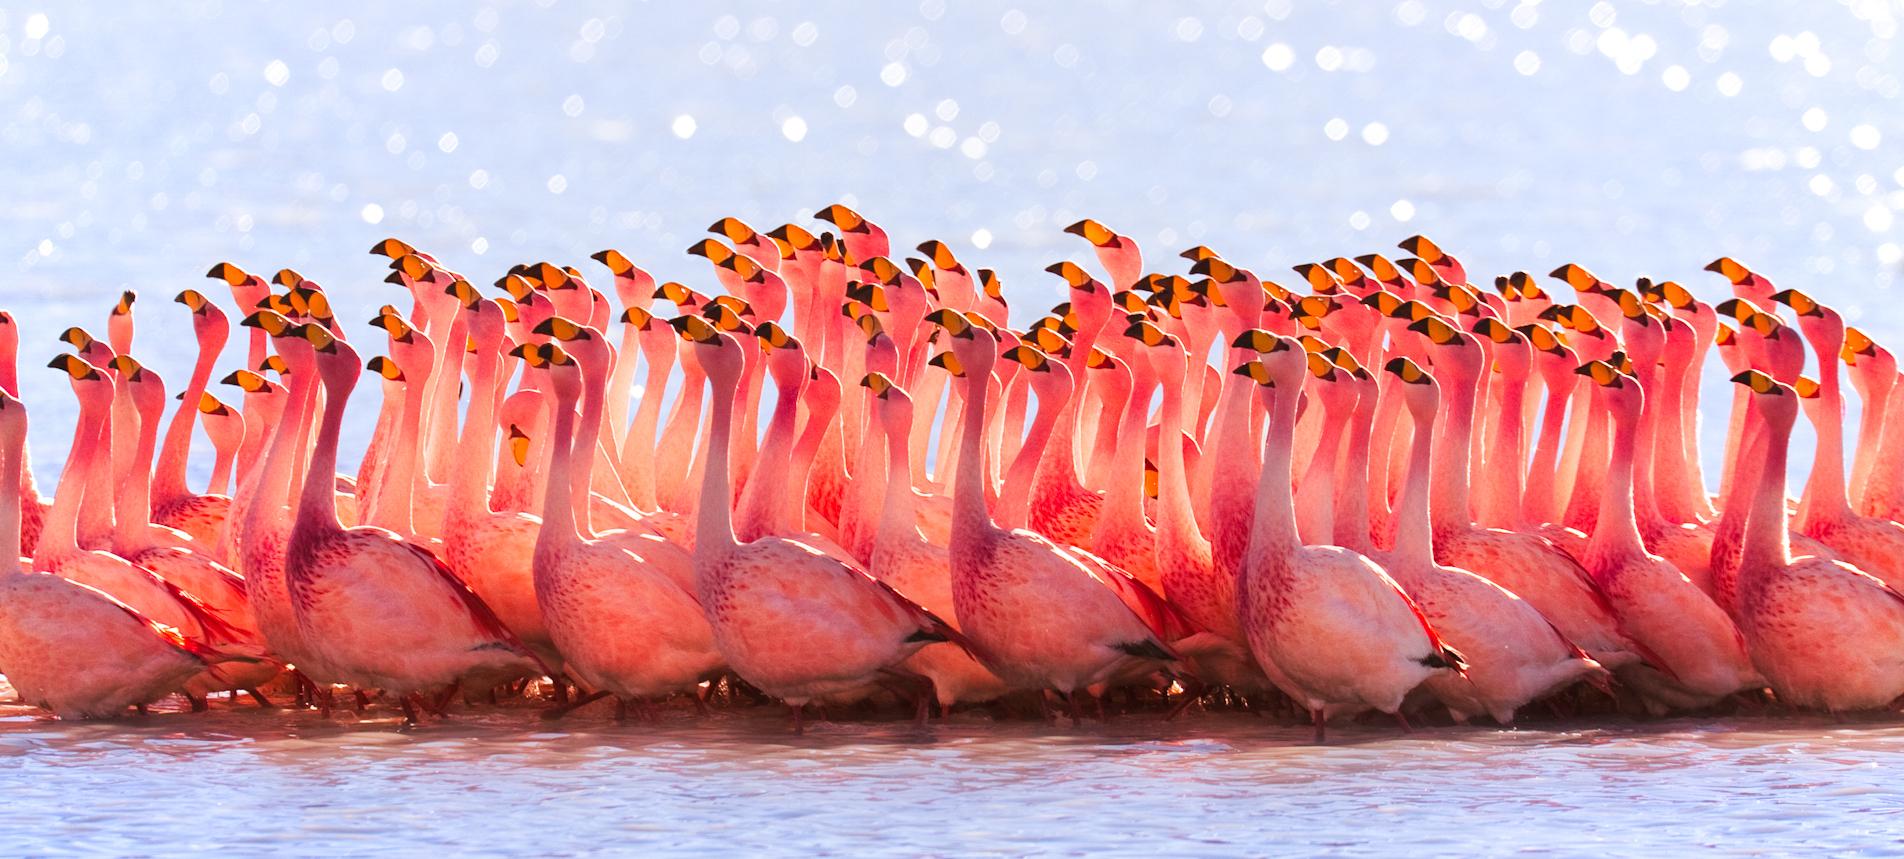 Comment Faire La Couleur Saumon rose (couleur) — wikipédia